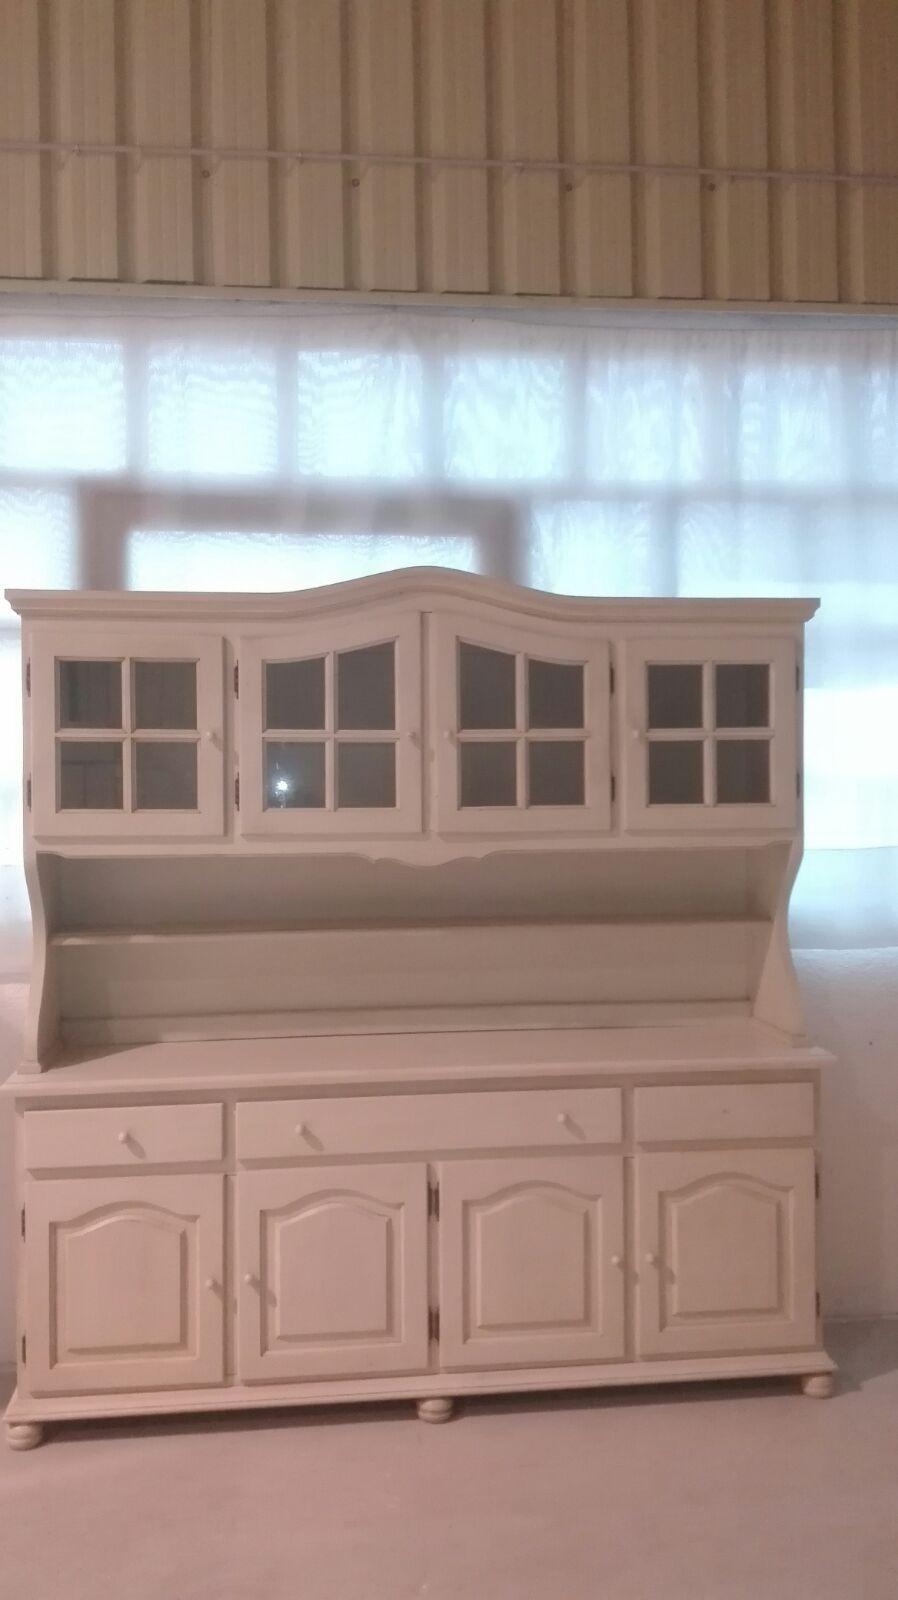 Bufet 4 portes de fusta + 4 portes vidre transparent